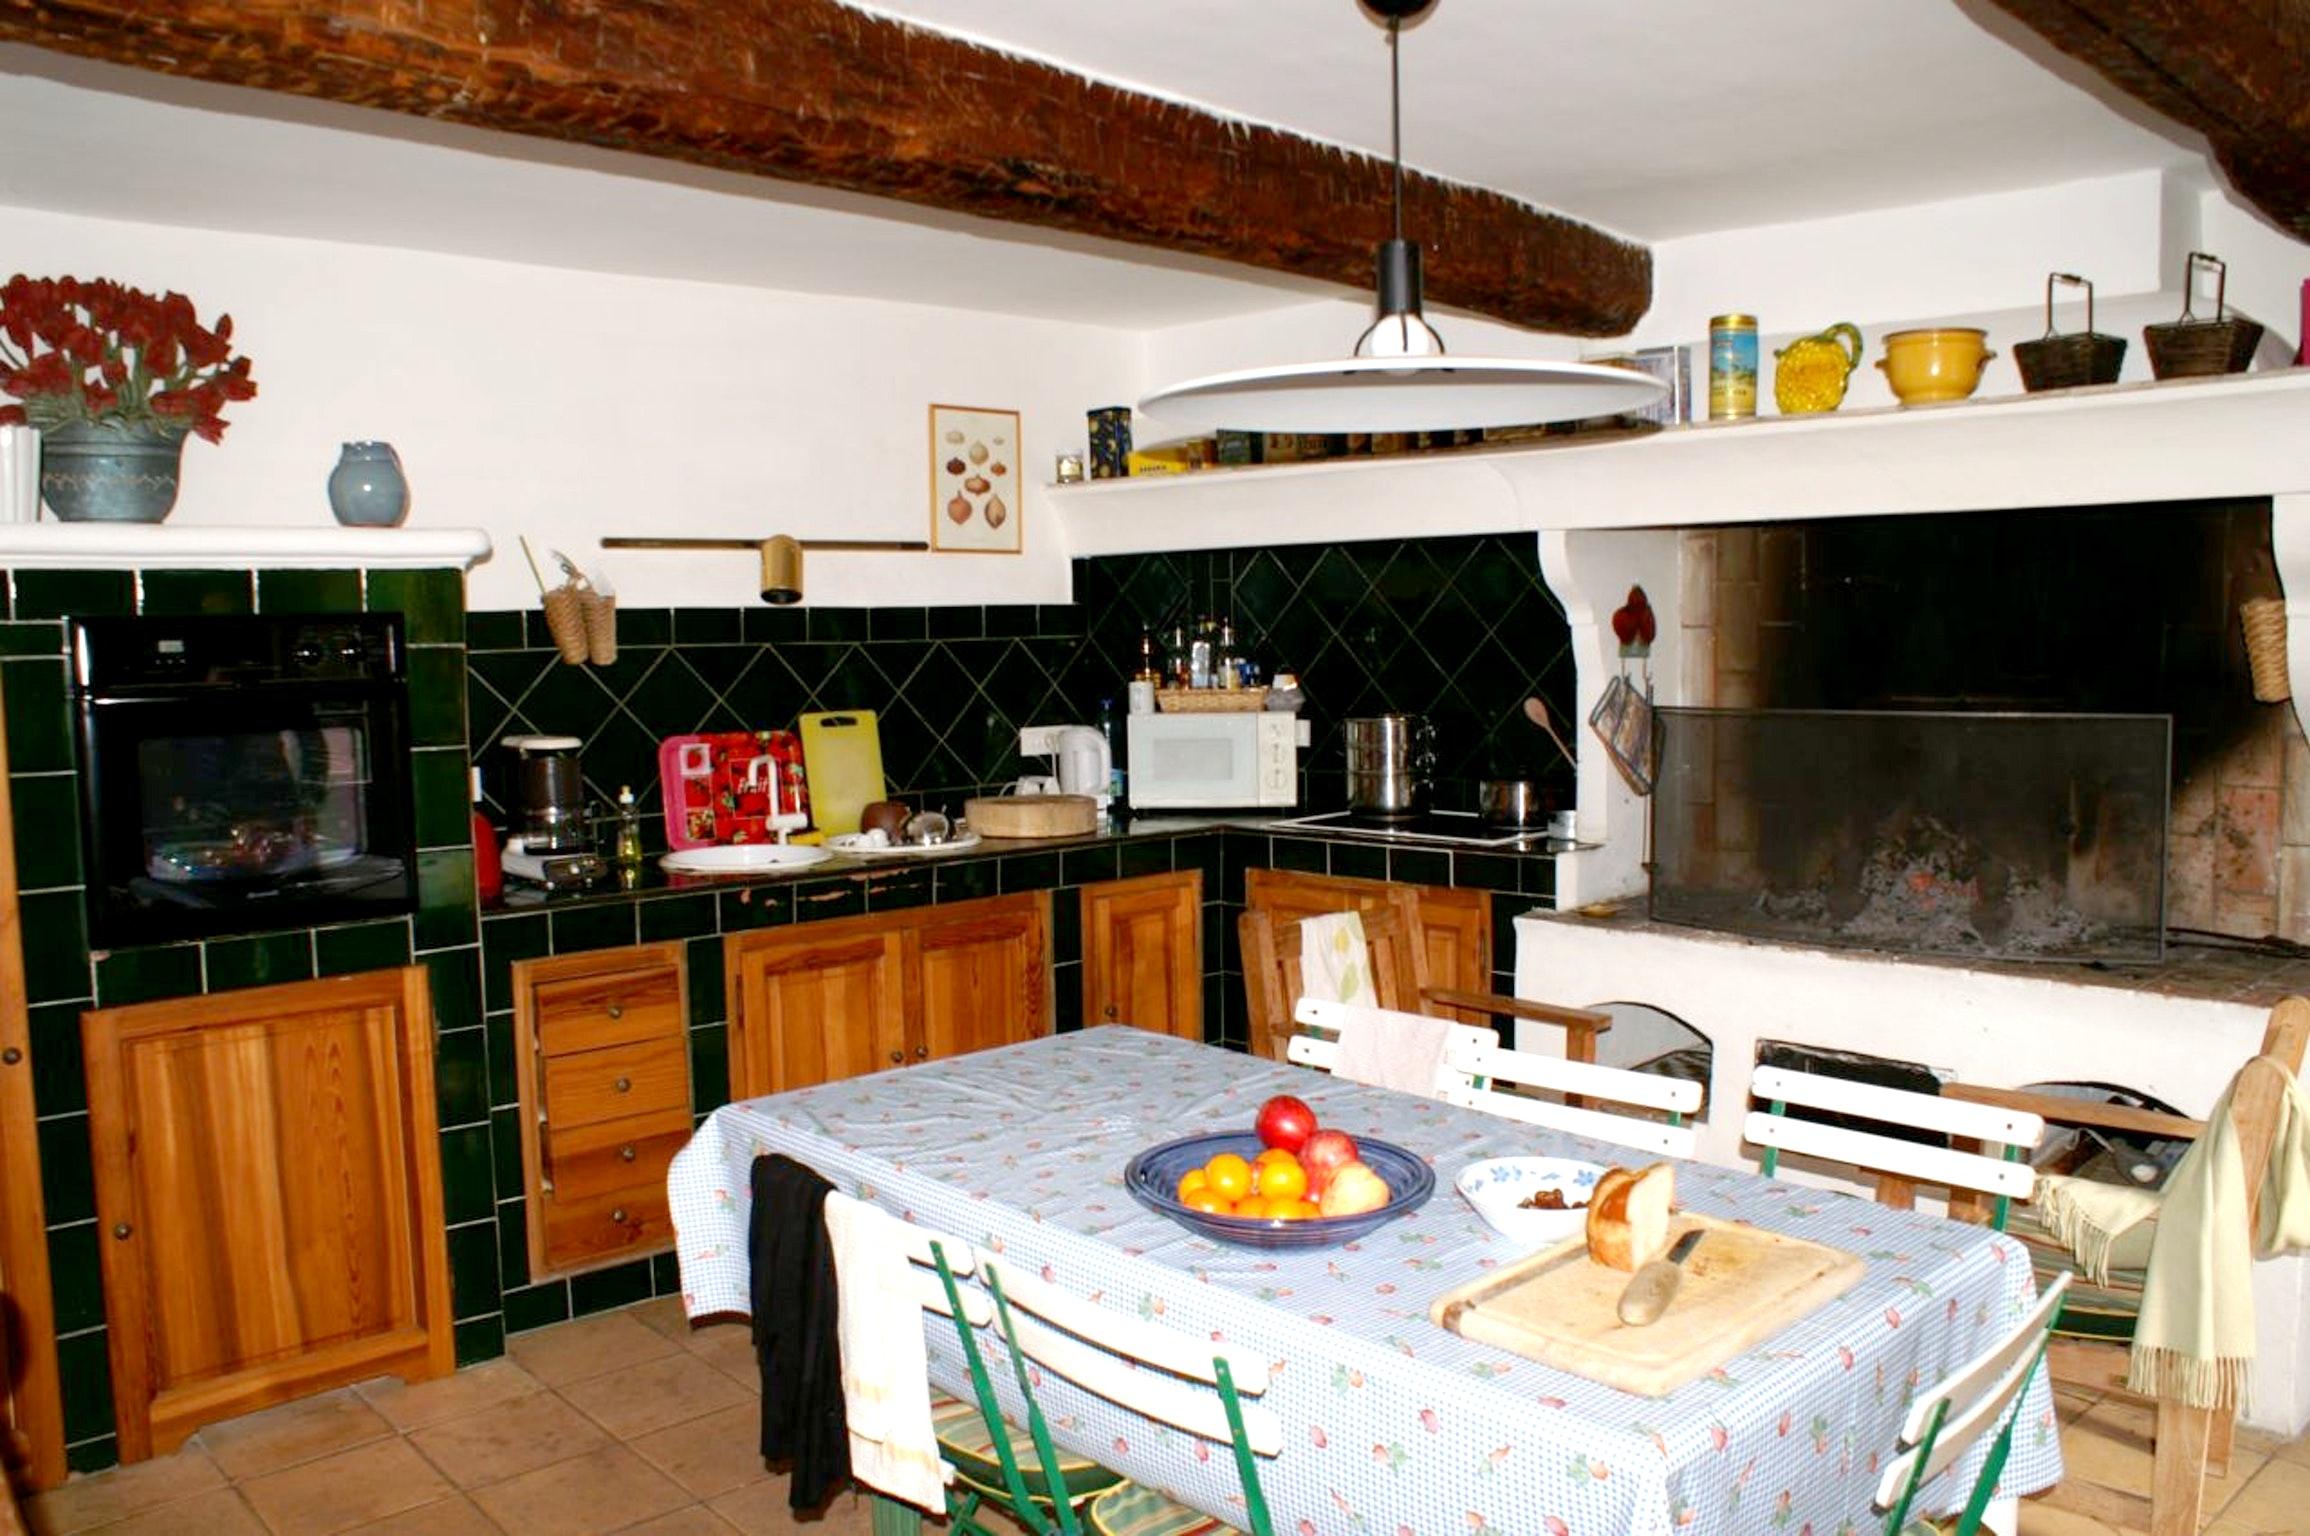 Maison de vacances Villa mit 5 Zimmern in La Garde-Freinet mit privatem Pool, Garten und W-LAN - 20 km vom St (2339879), La Garde Freinet, Côte d'Azur, Provence - Alpes - Côte d'Azur, France, image 7